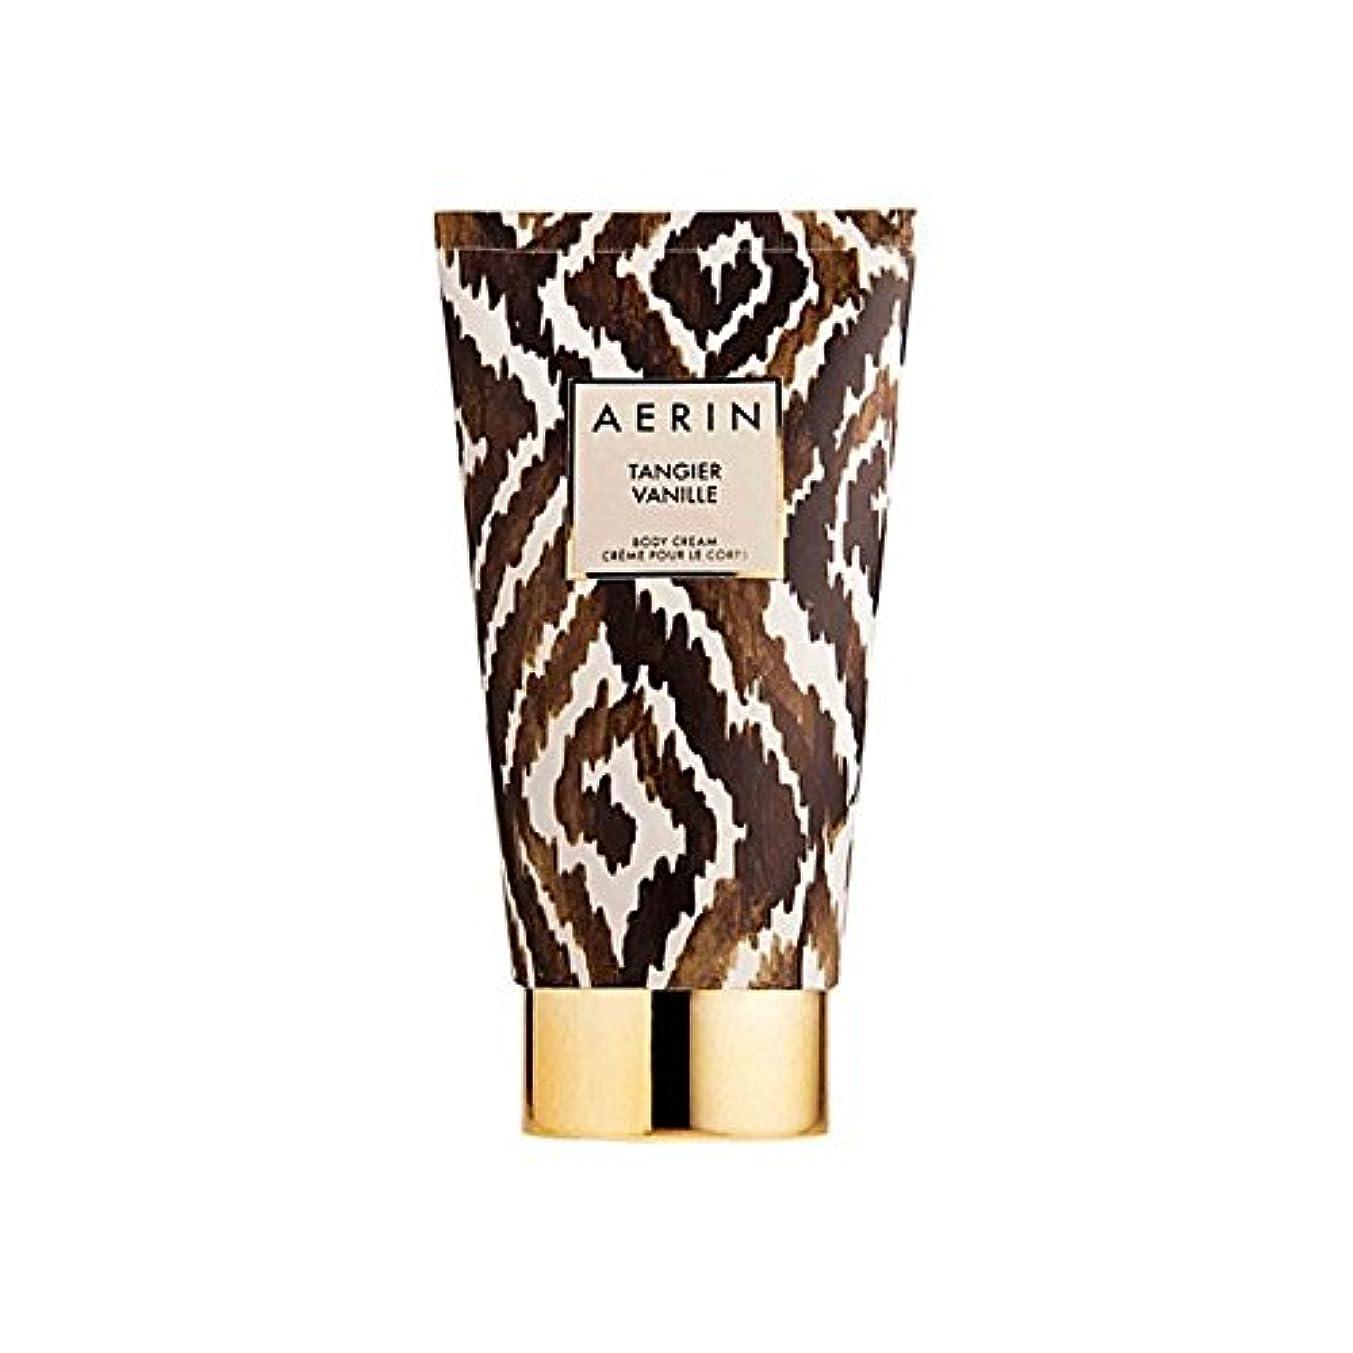 申し立てる配列動的タンジールヴァニラボディクリーム x2 - Aerin Tangier Vanille Body Cream (Pack of 2) [並行輸入品]